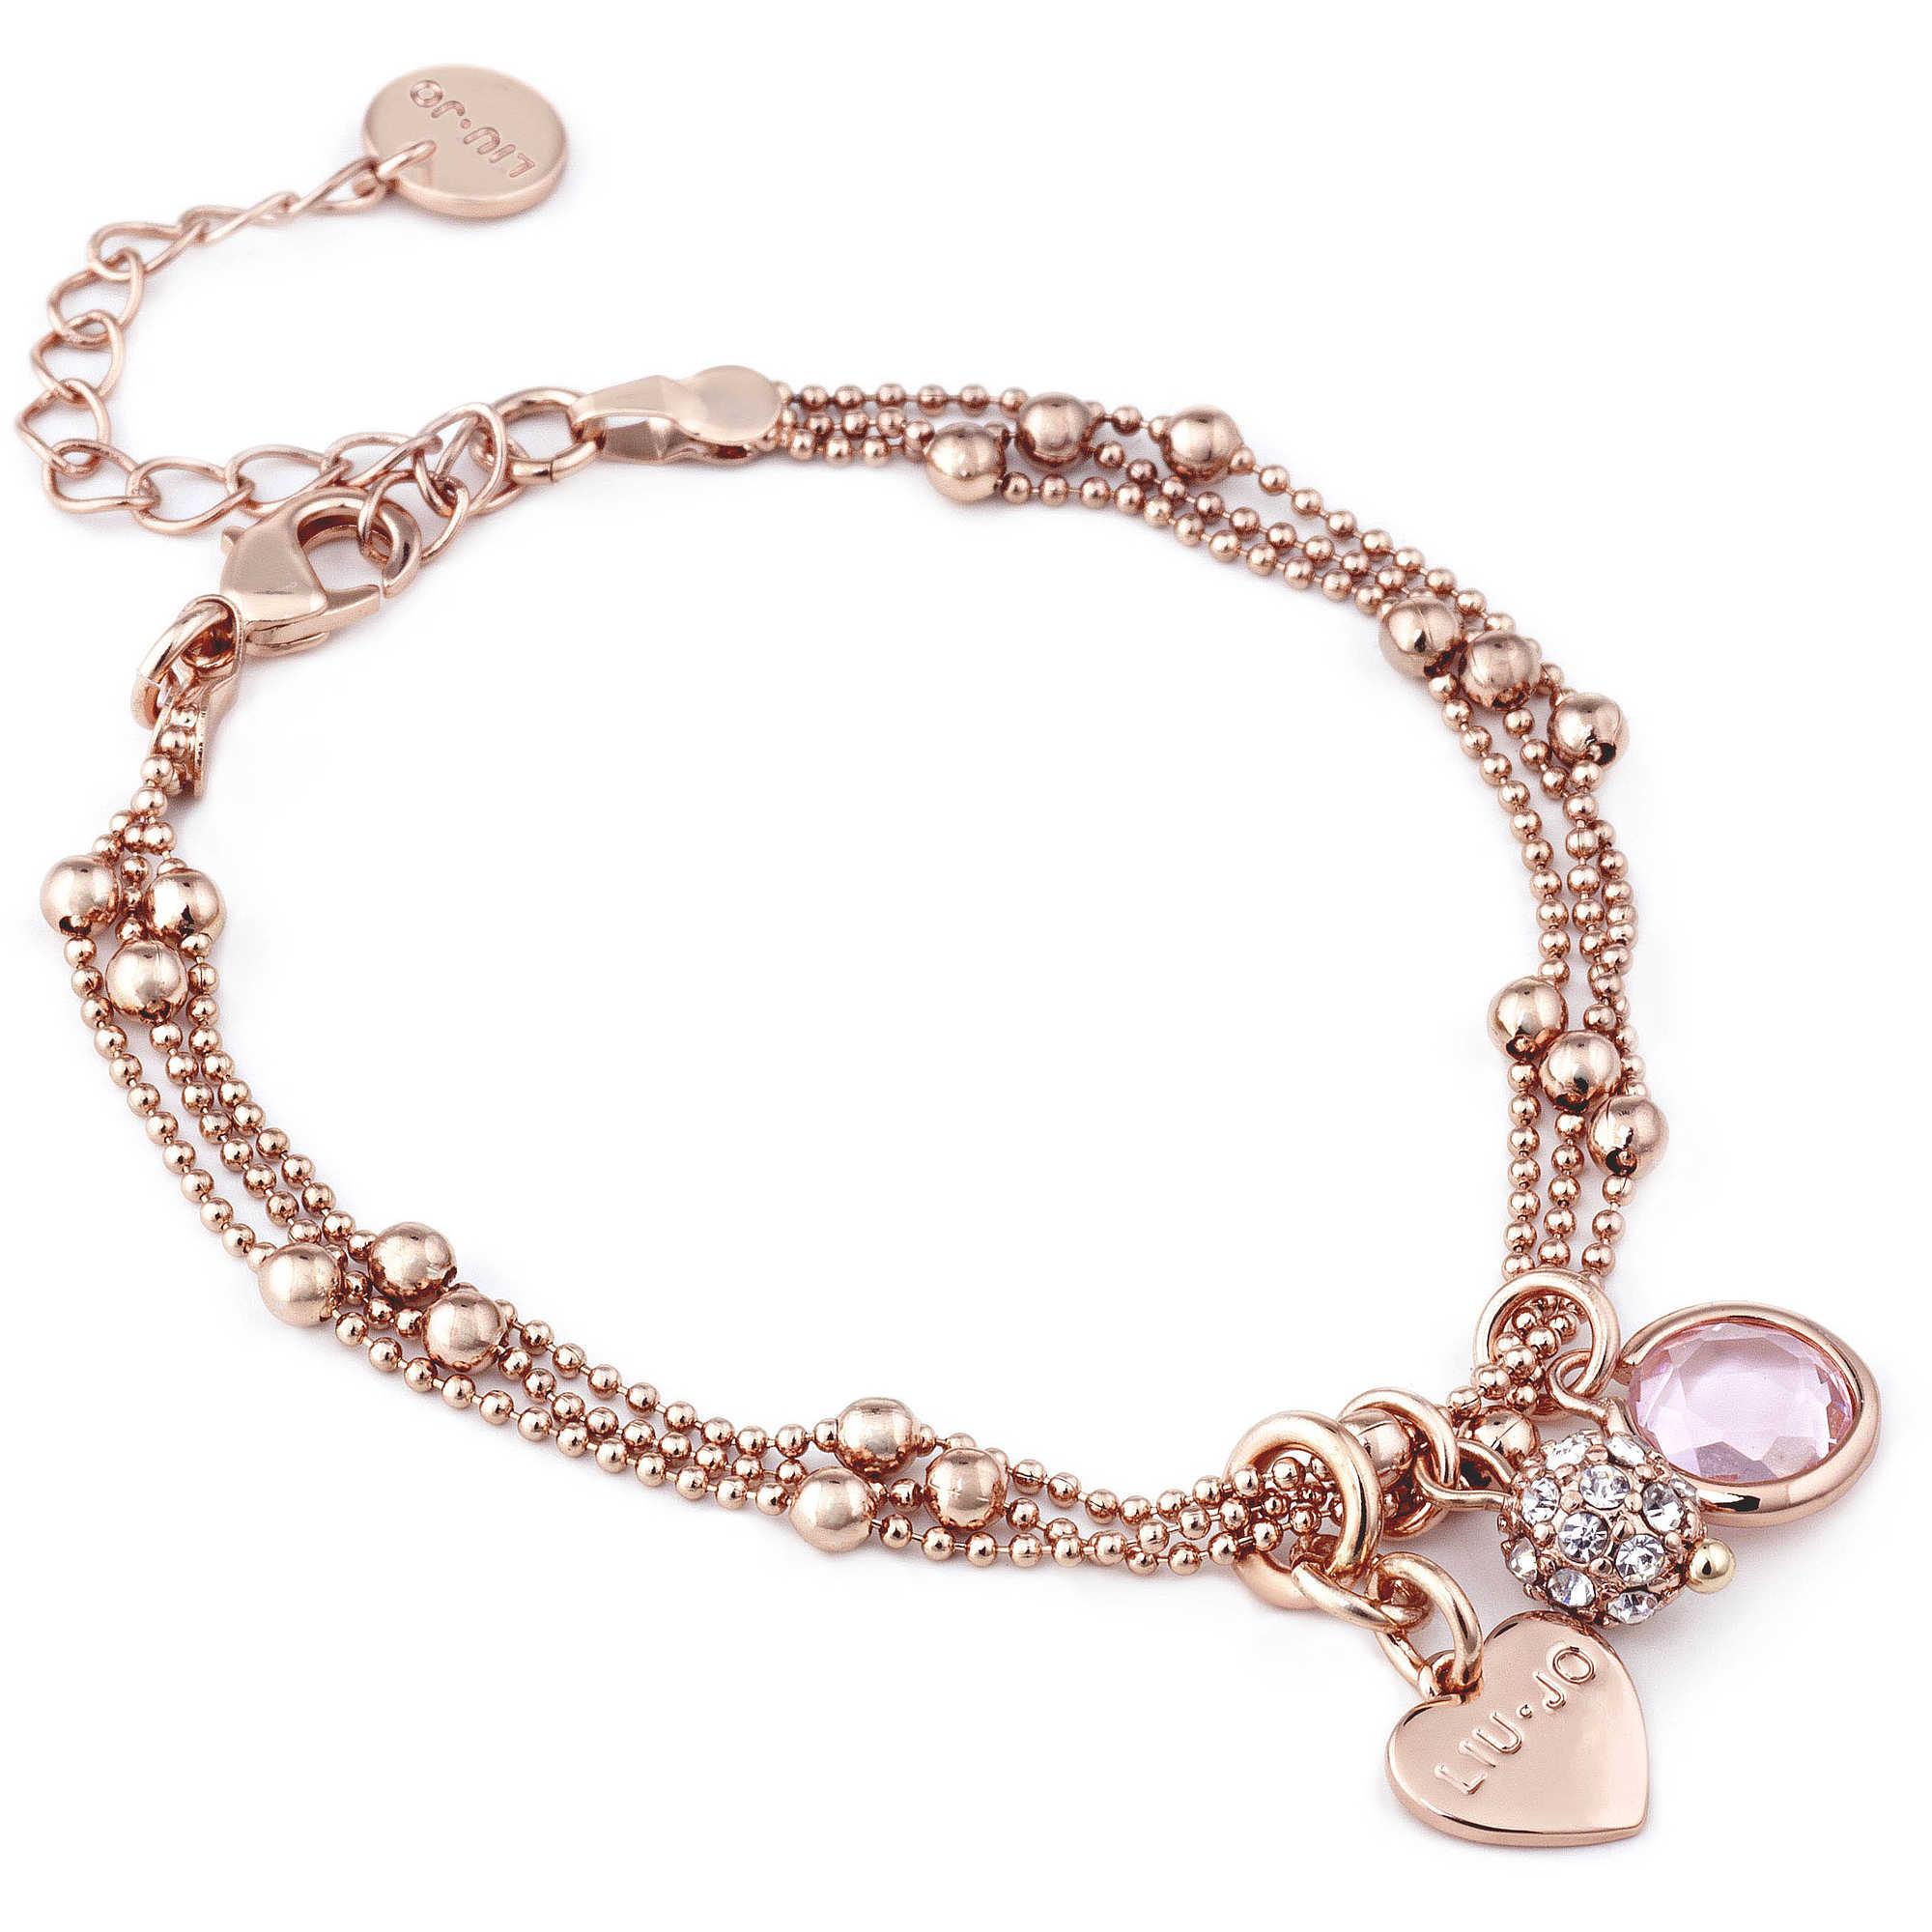 bracciale donna gioielli Liujo Destini LJ992 bracciali Liujo 666c2e3b57d